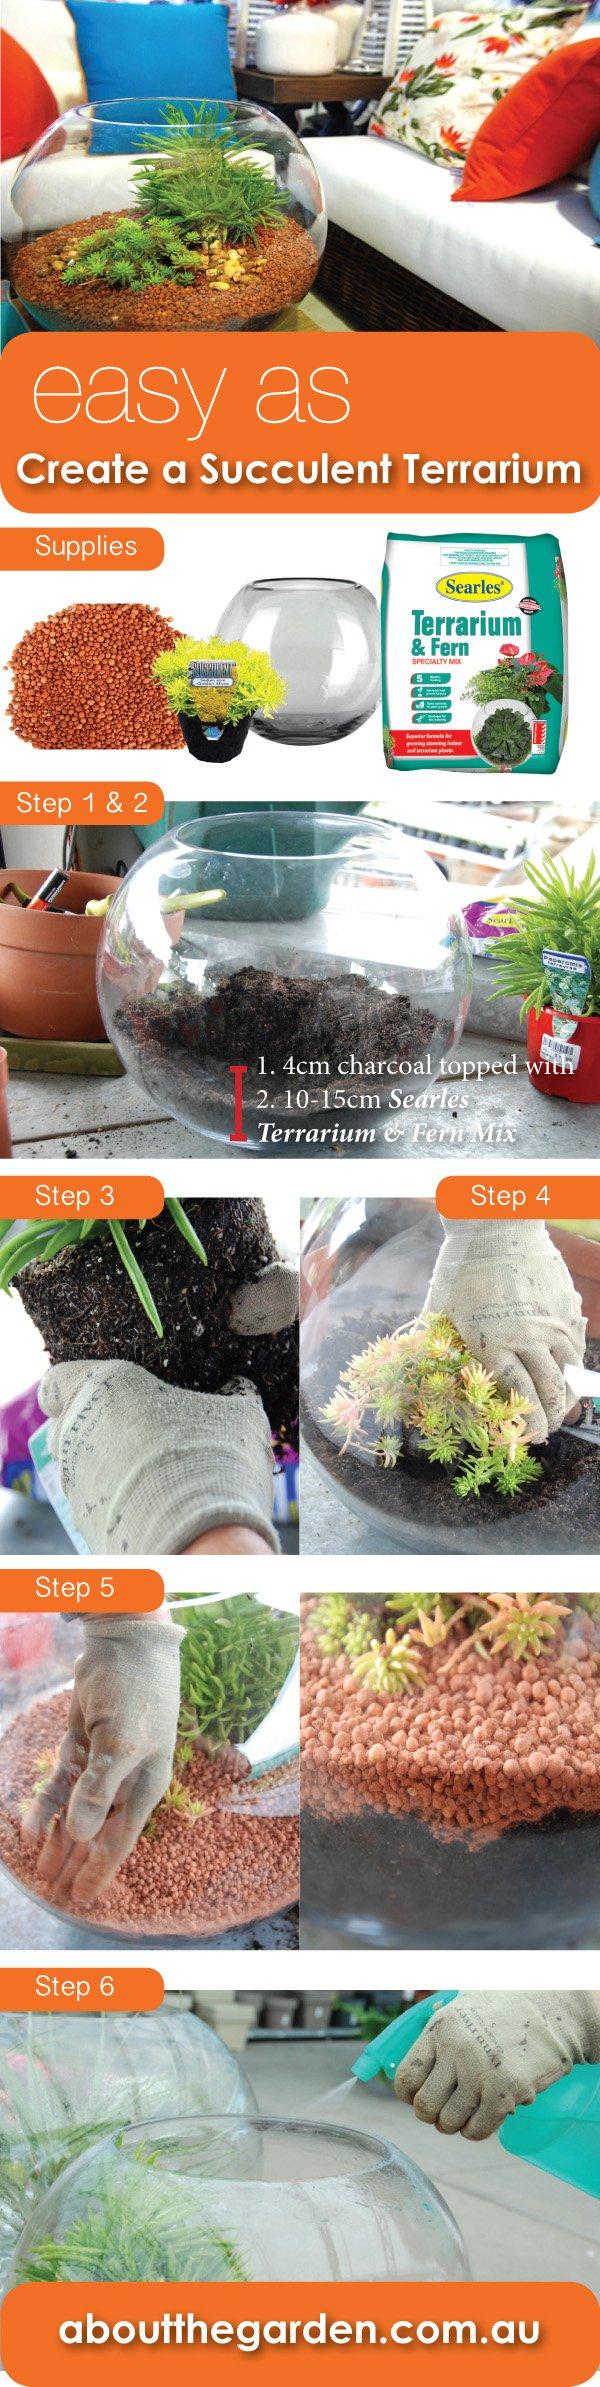 Easy As Create A Succulent Terrarium About The Garden Magazine